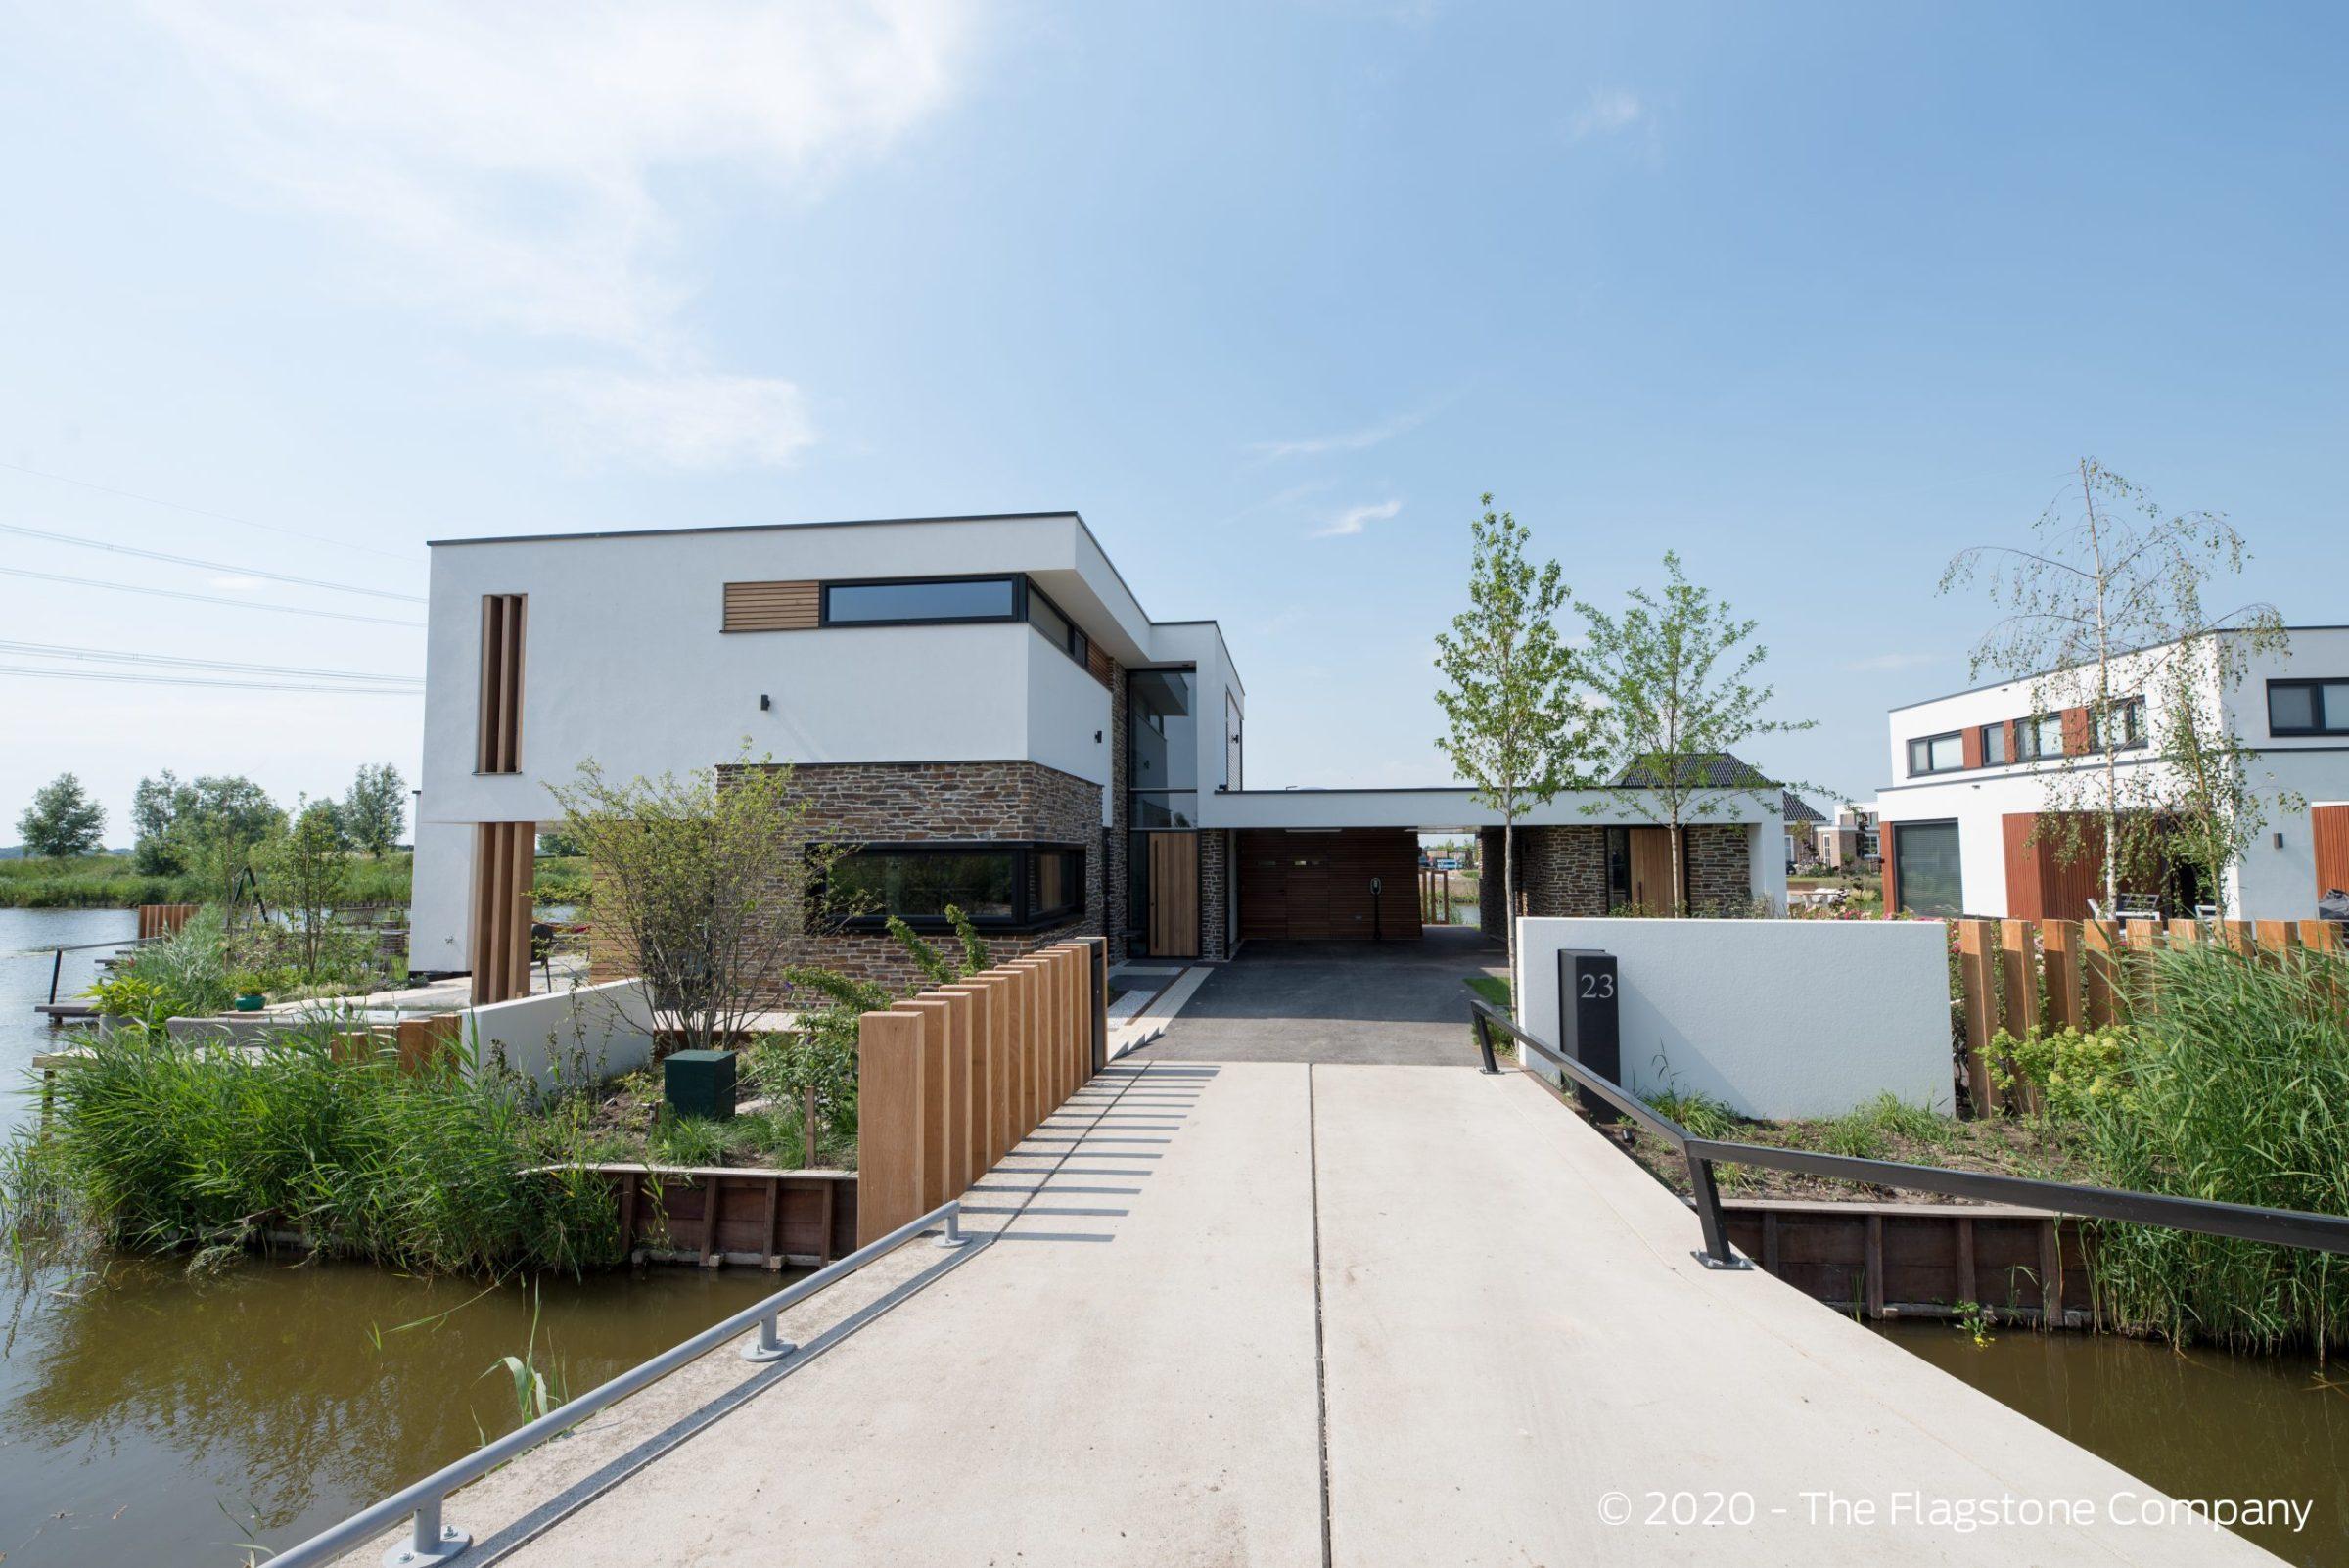 Vooraanzicht van de prachtige kubistische villa in Nesselande